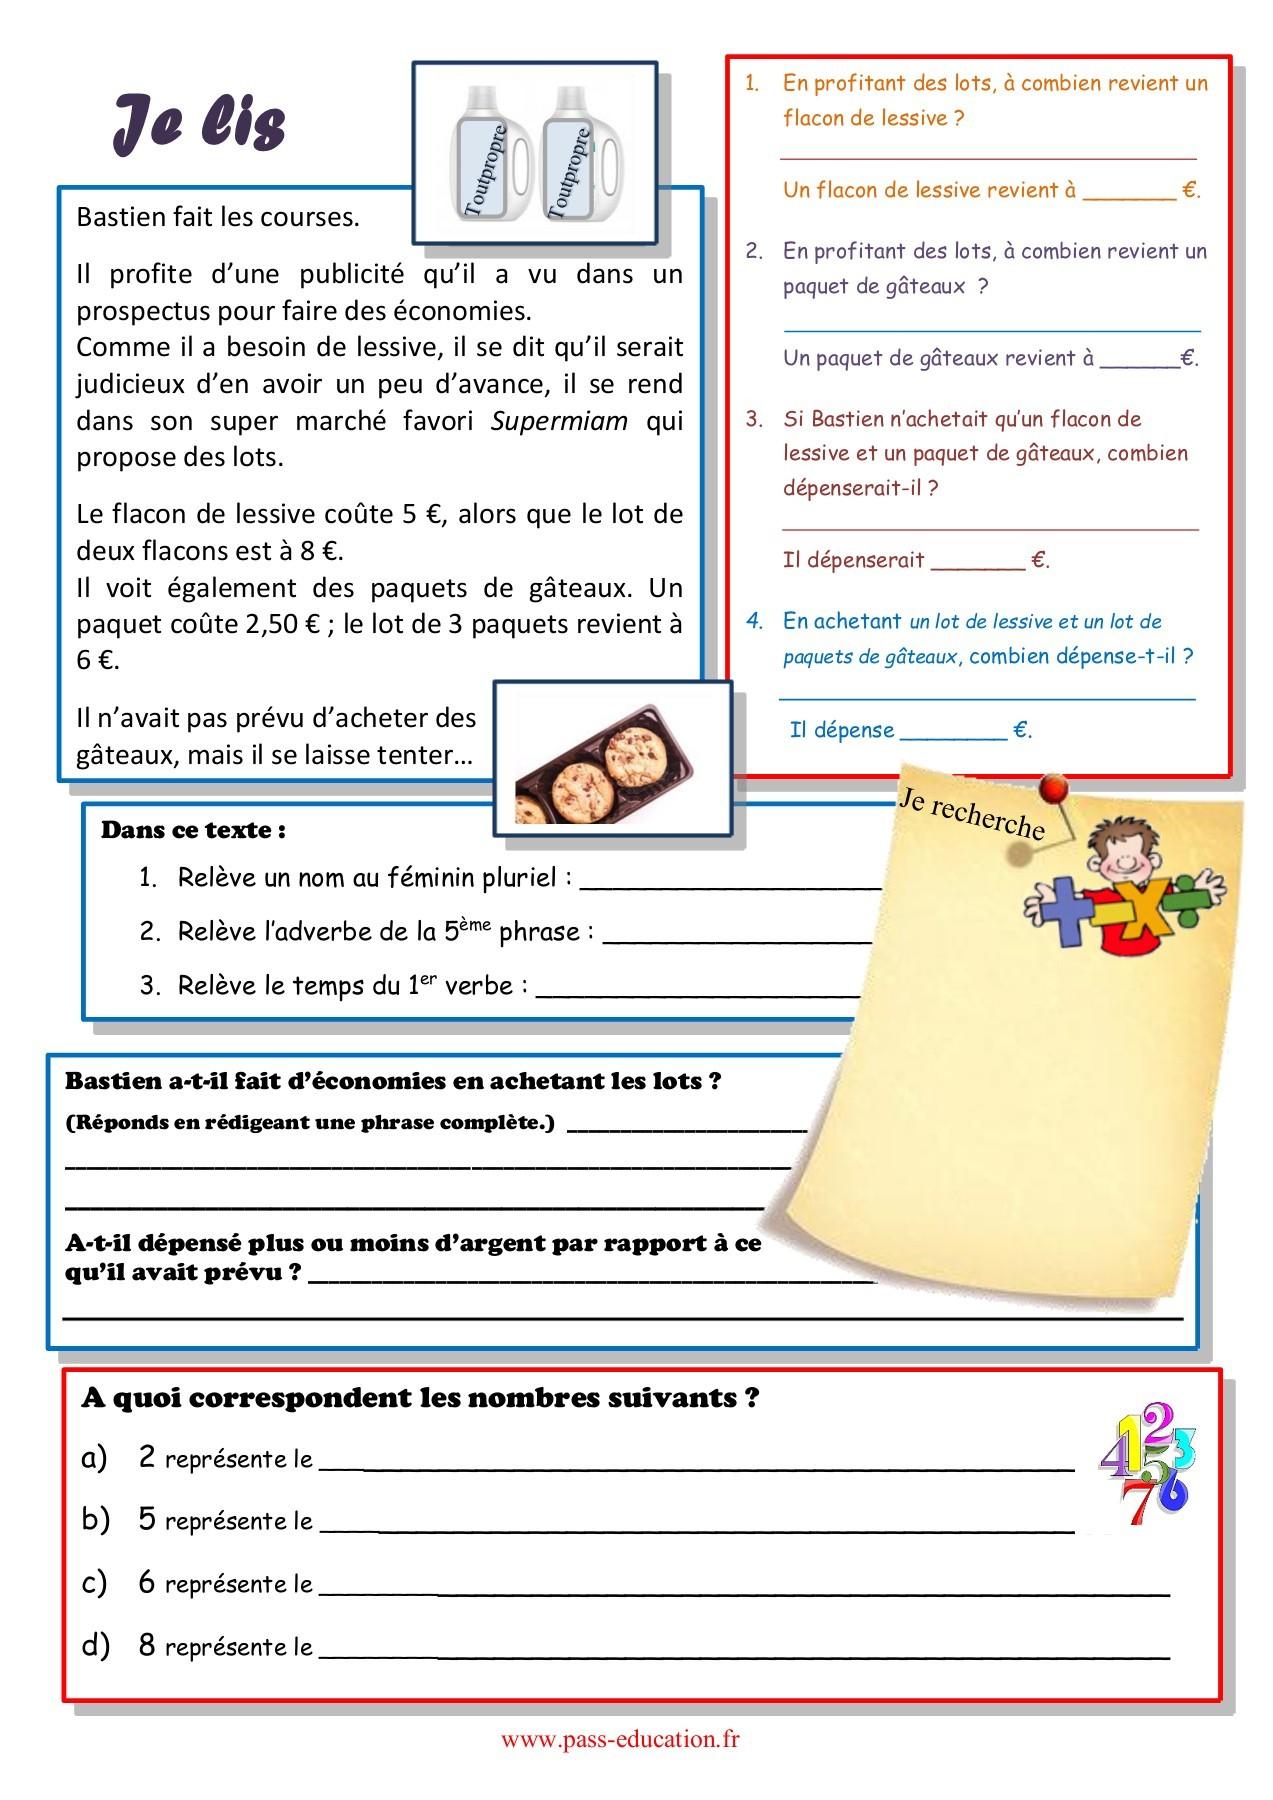 Cahier De Vacances Gratuit À Imprimer - Cm1 Vers Le Cm2 pour Cahier De Vacances Gratuit A Imprimer 6Eme 5Eme